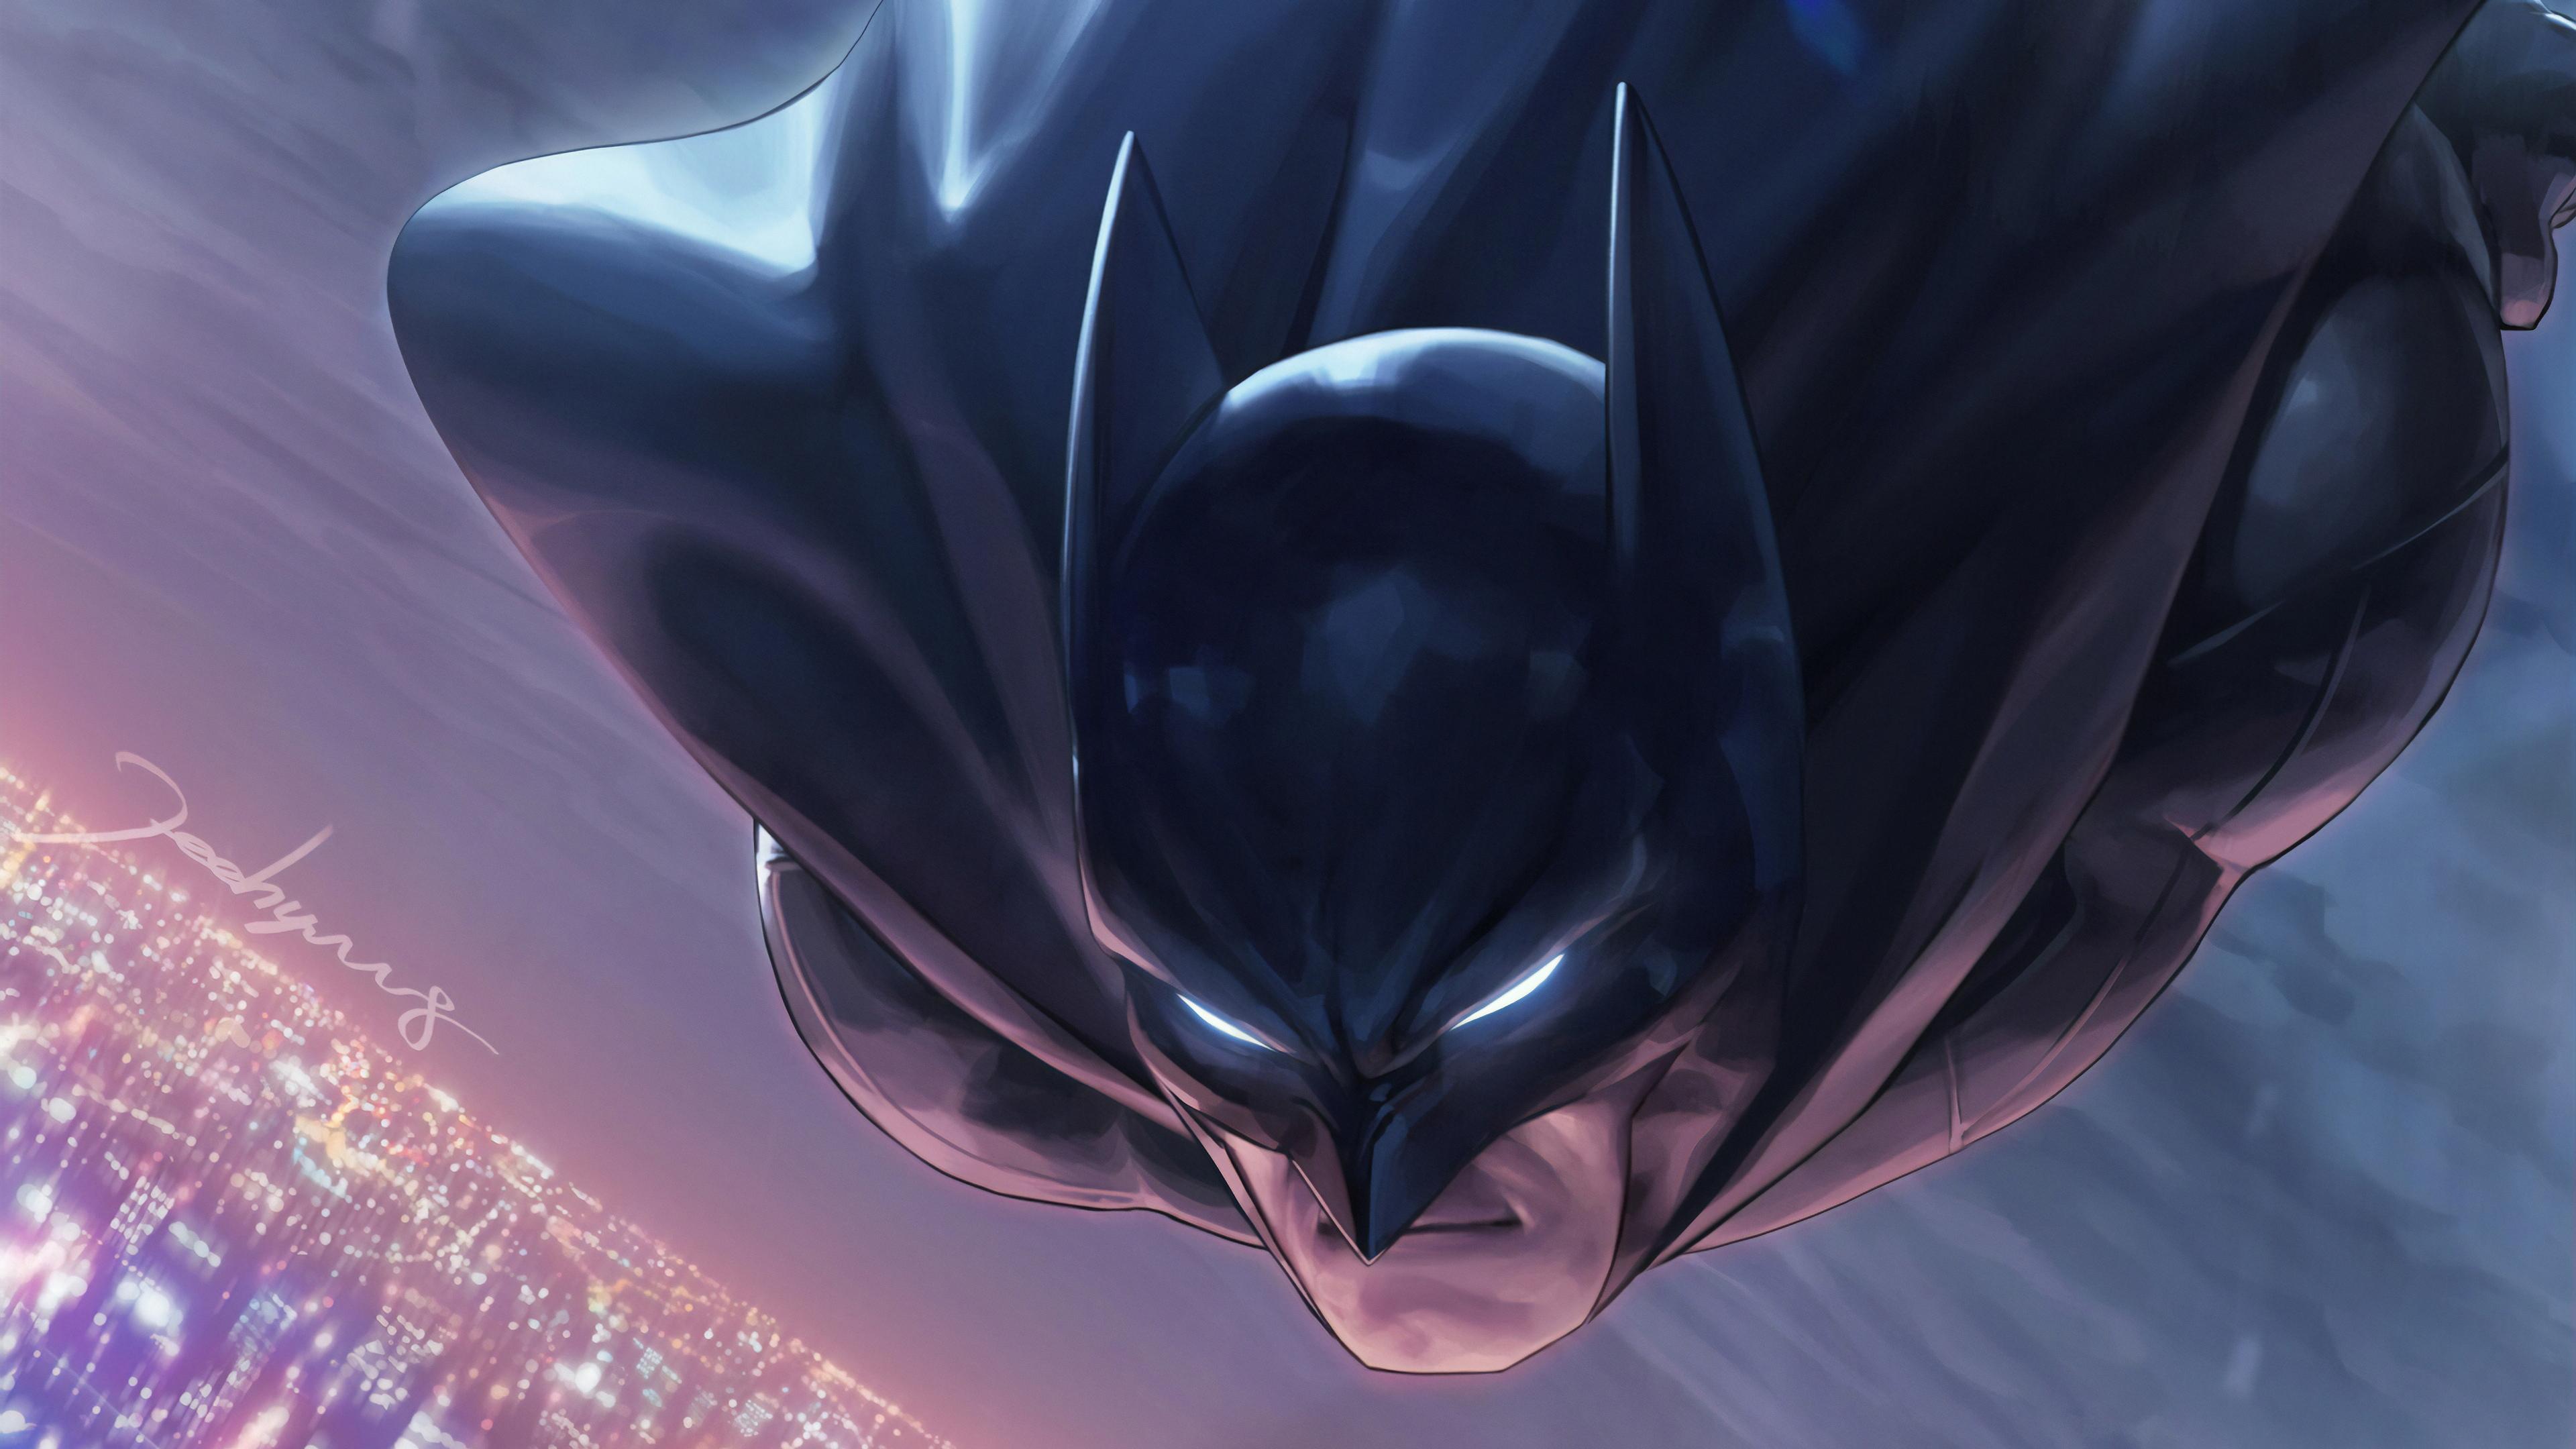 batman face closeup 1570394649 - Batman Face Closeup - superheroes wallpapers, hd-wallpapers, digital art wallpapers, batman wallpapers, artwork wallpapers, artstation wallpapers, 4k-wallpapers